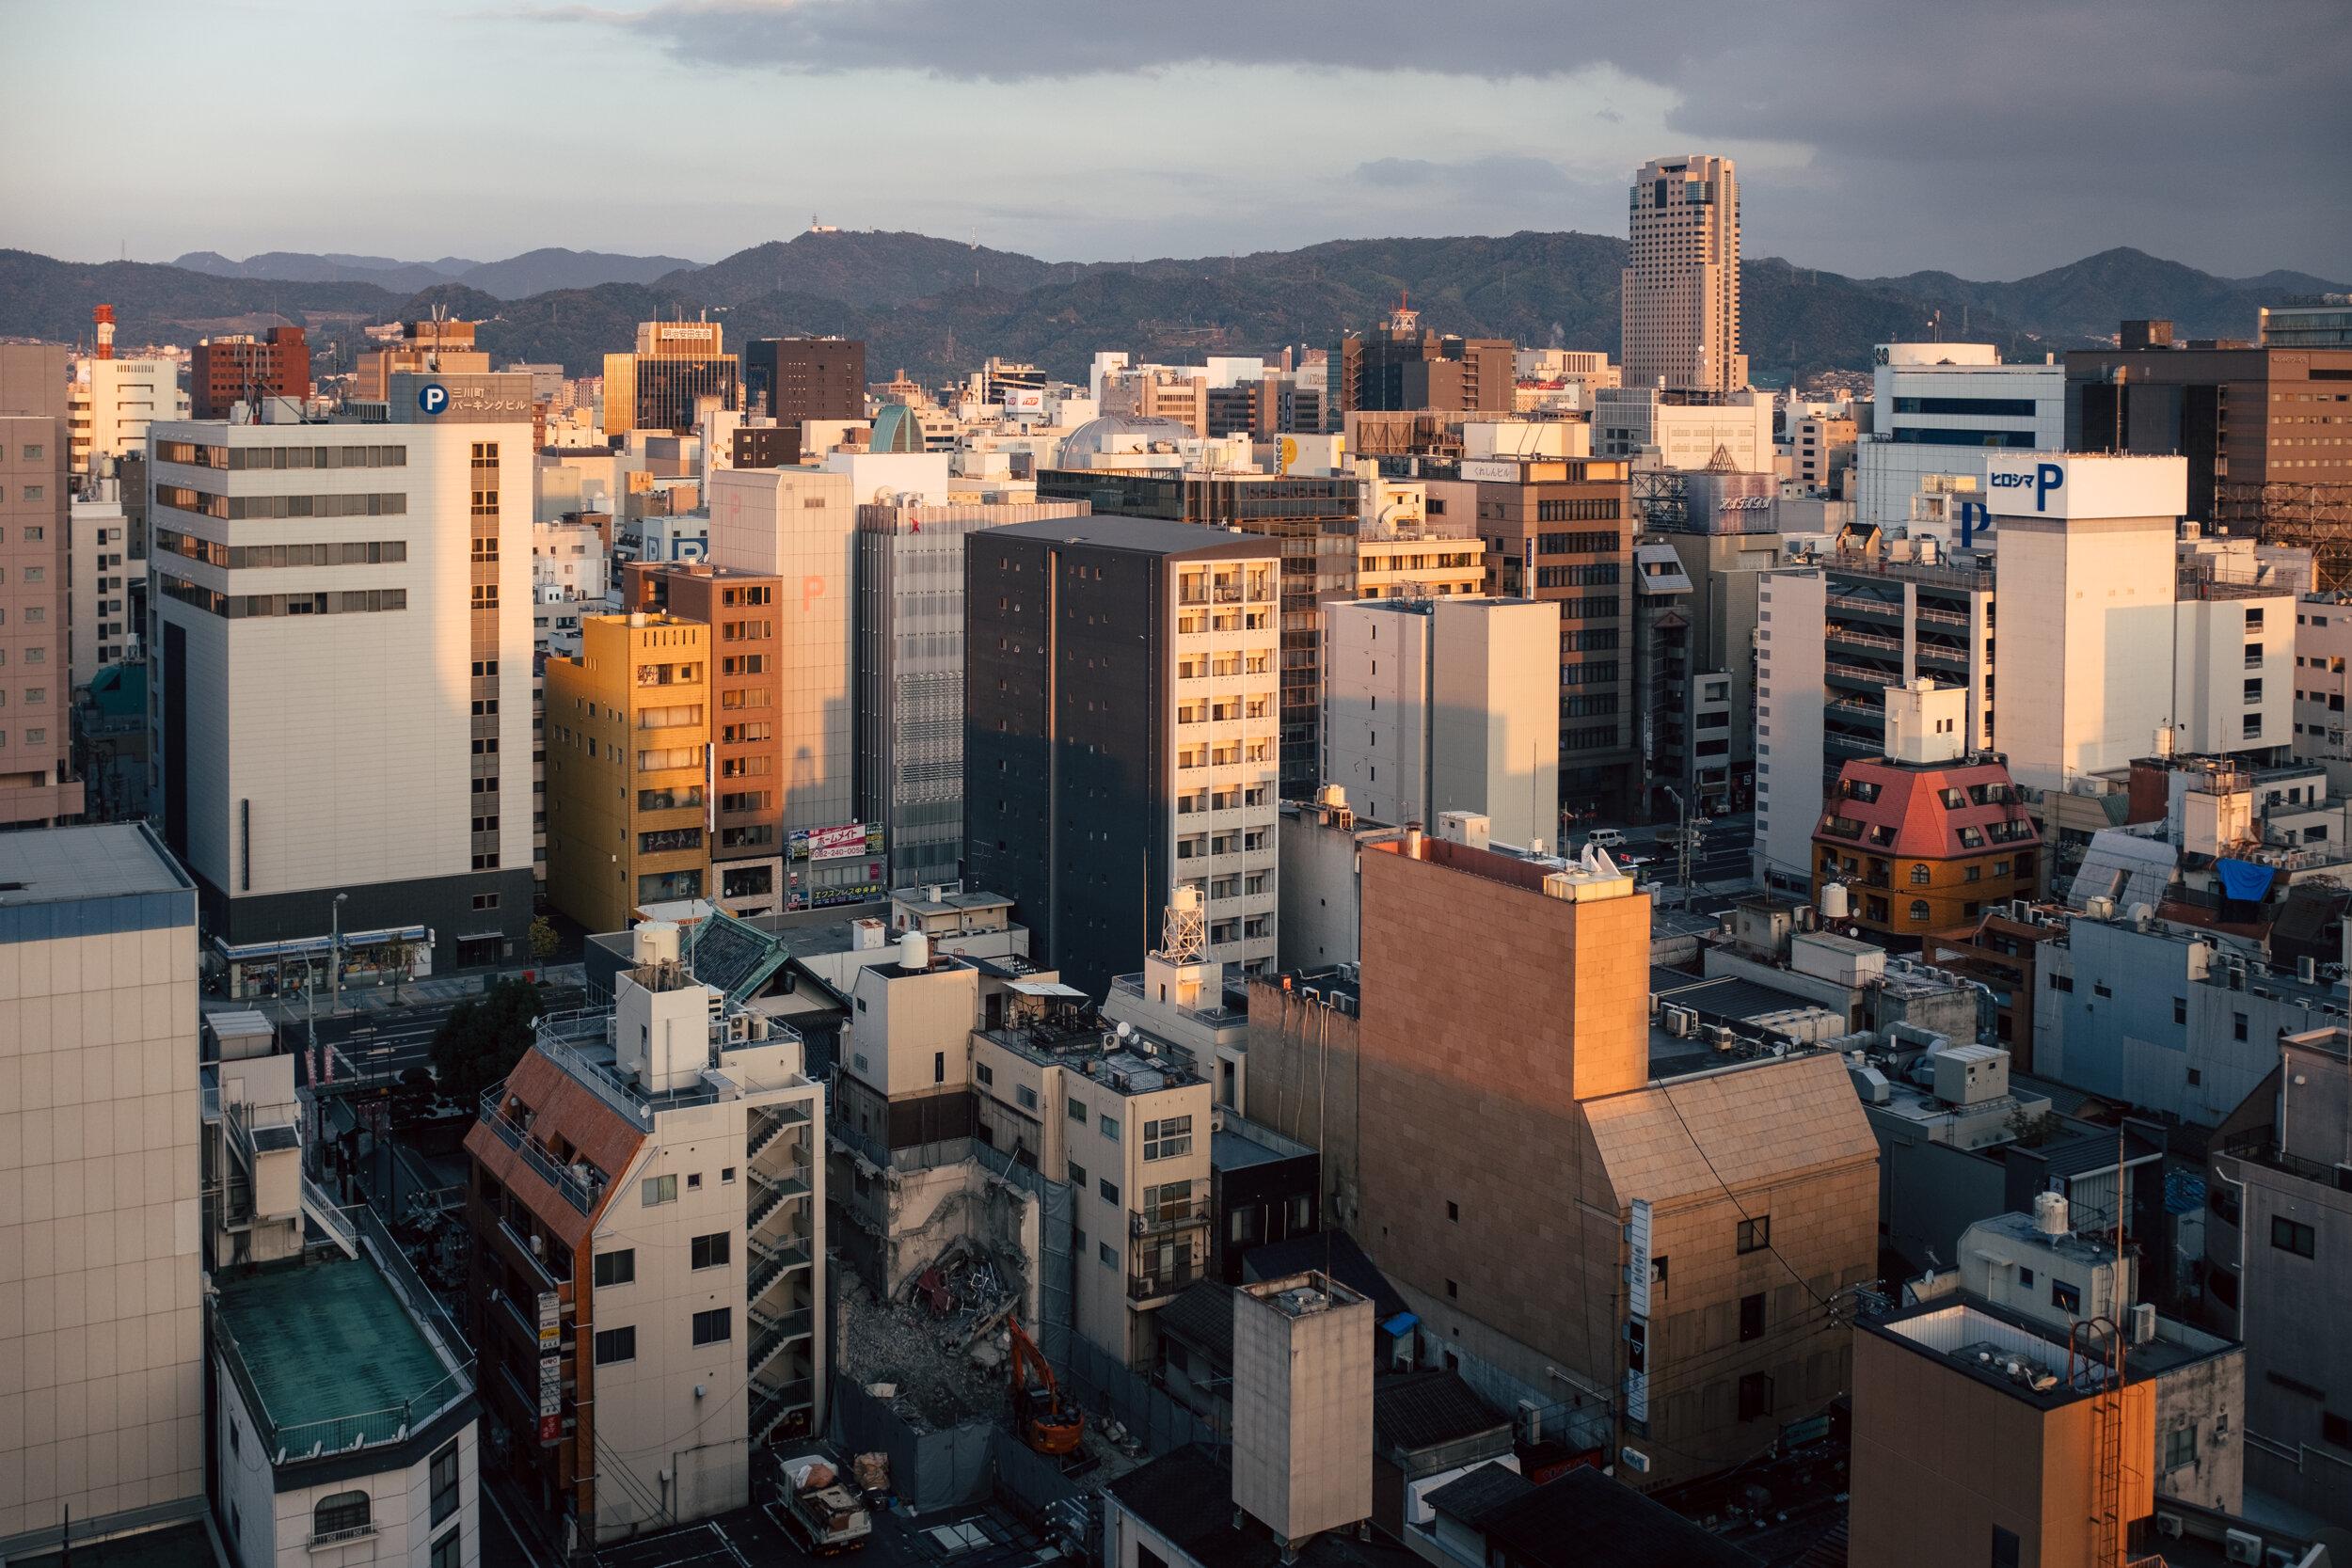 OLIVER_HOLMS_JAPAN_NOV_2018_DSCF5524.jpg